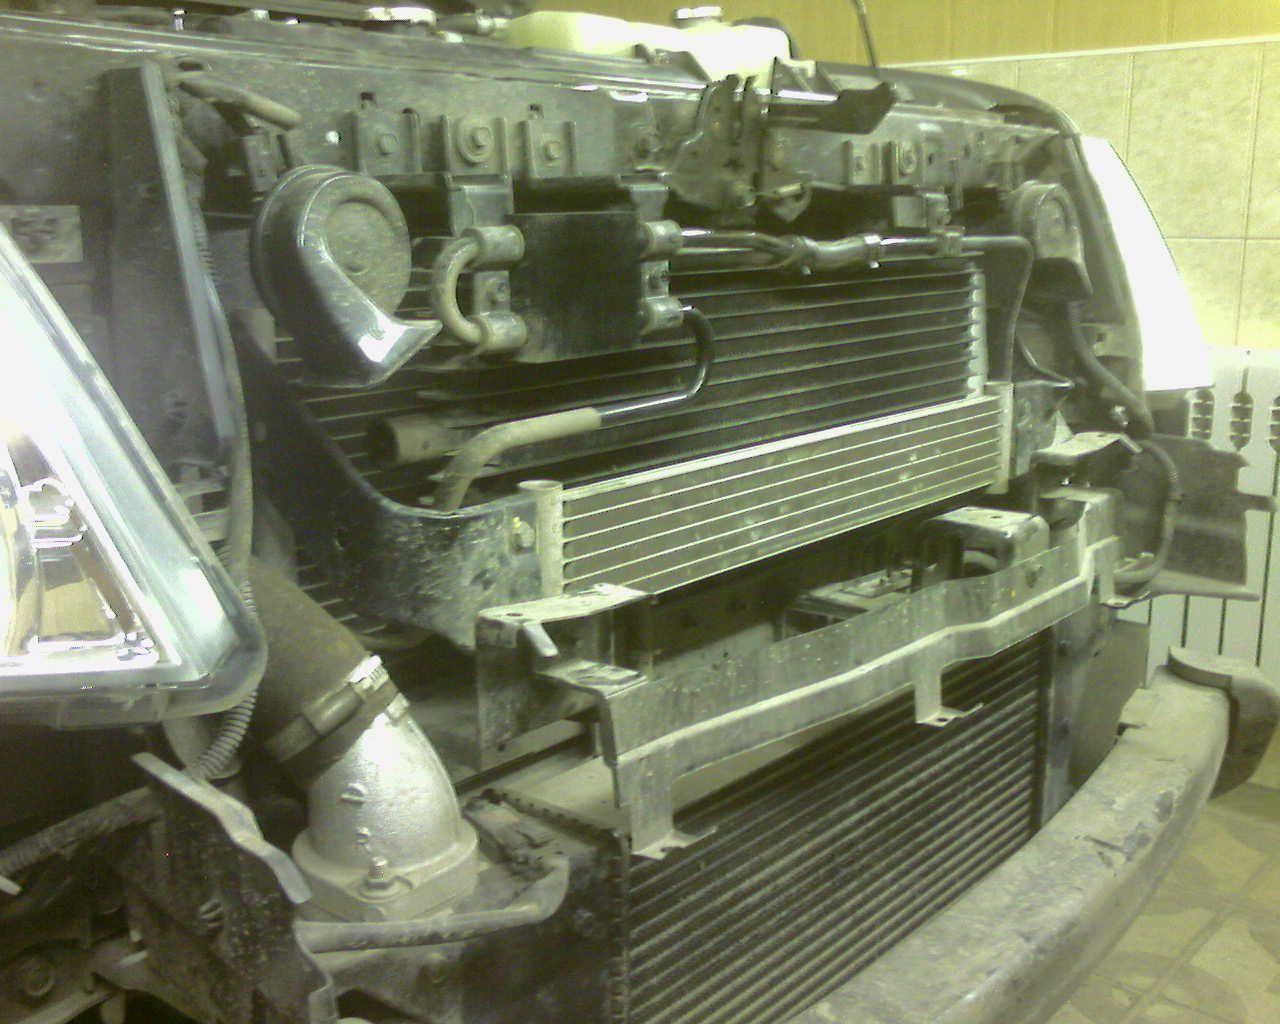 При установке Вебасто можно было наблюдать шесть радиаторов : основной мотора, переднего кондиционера , интеркулер, воздушный радиатор акпп, раздатки и заднего кондиционера.